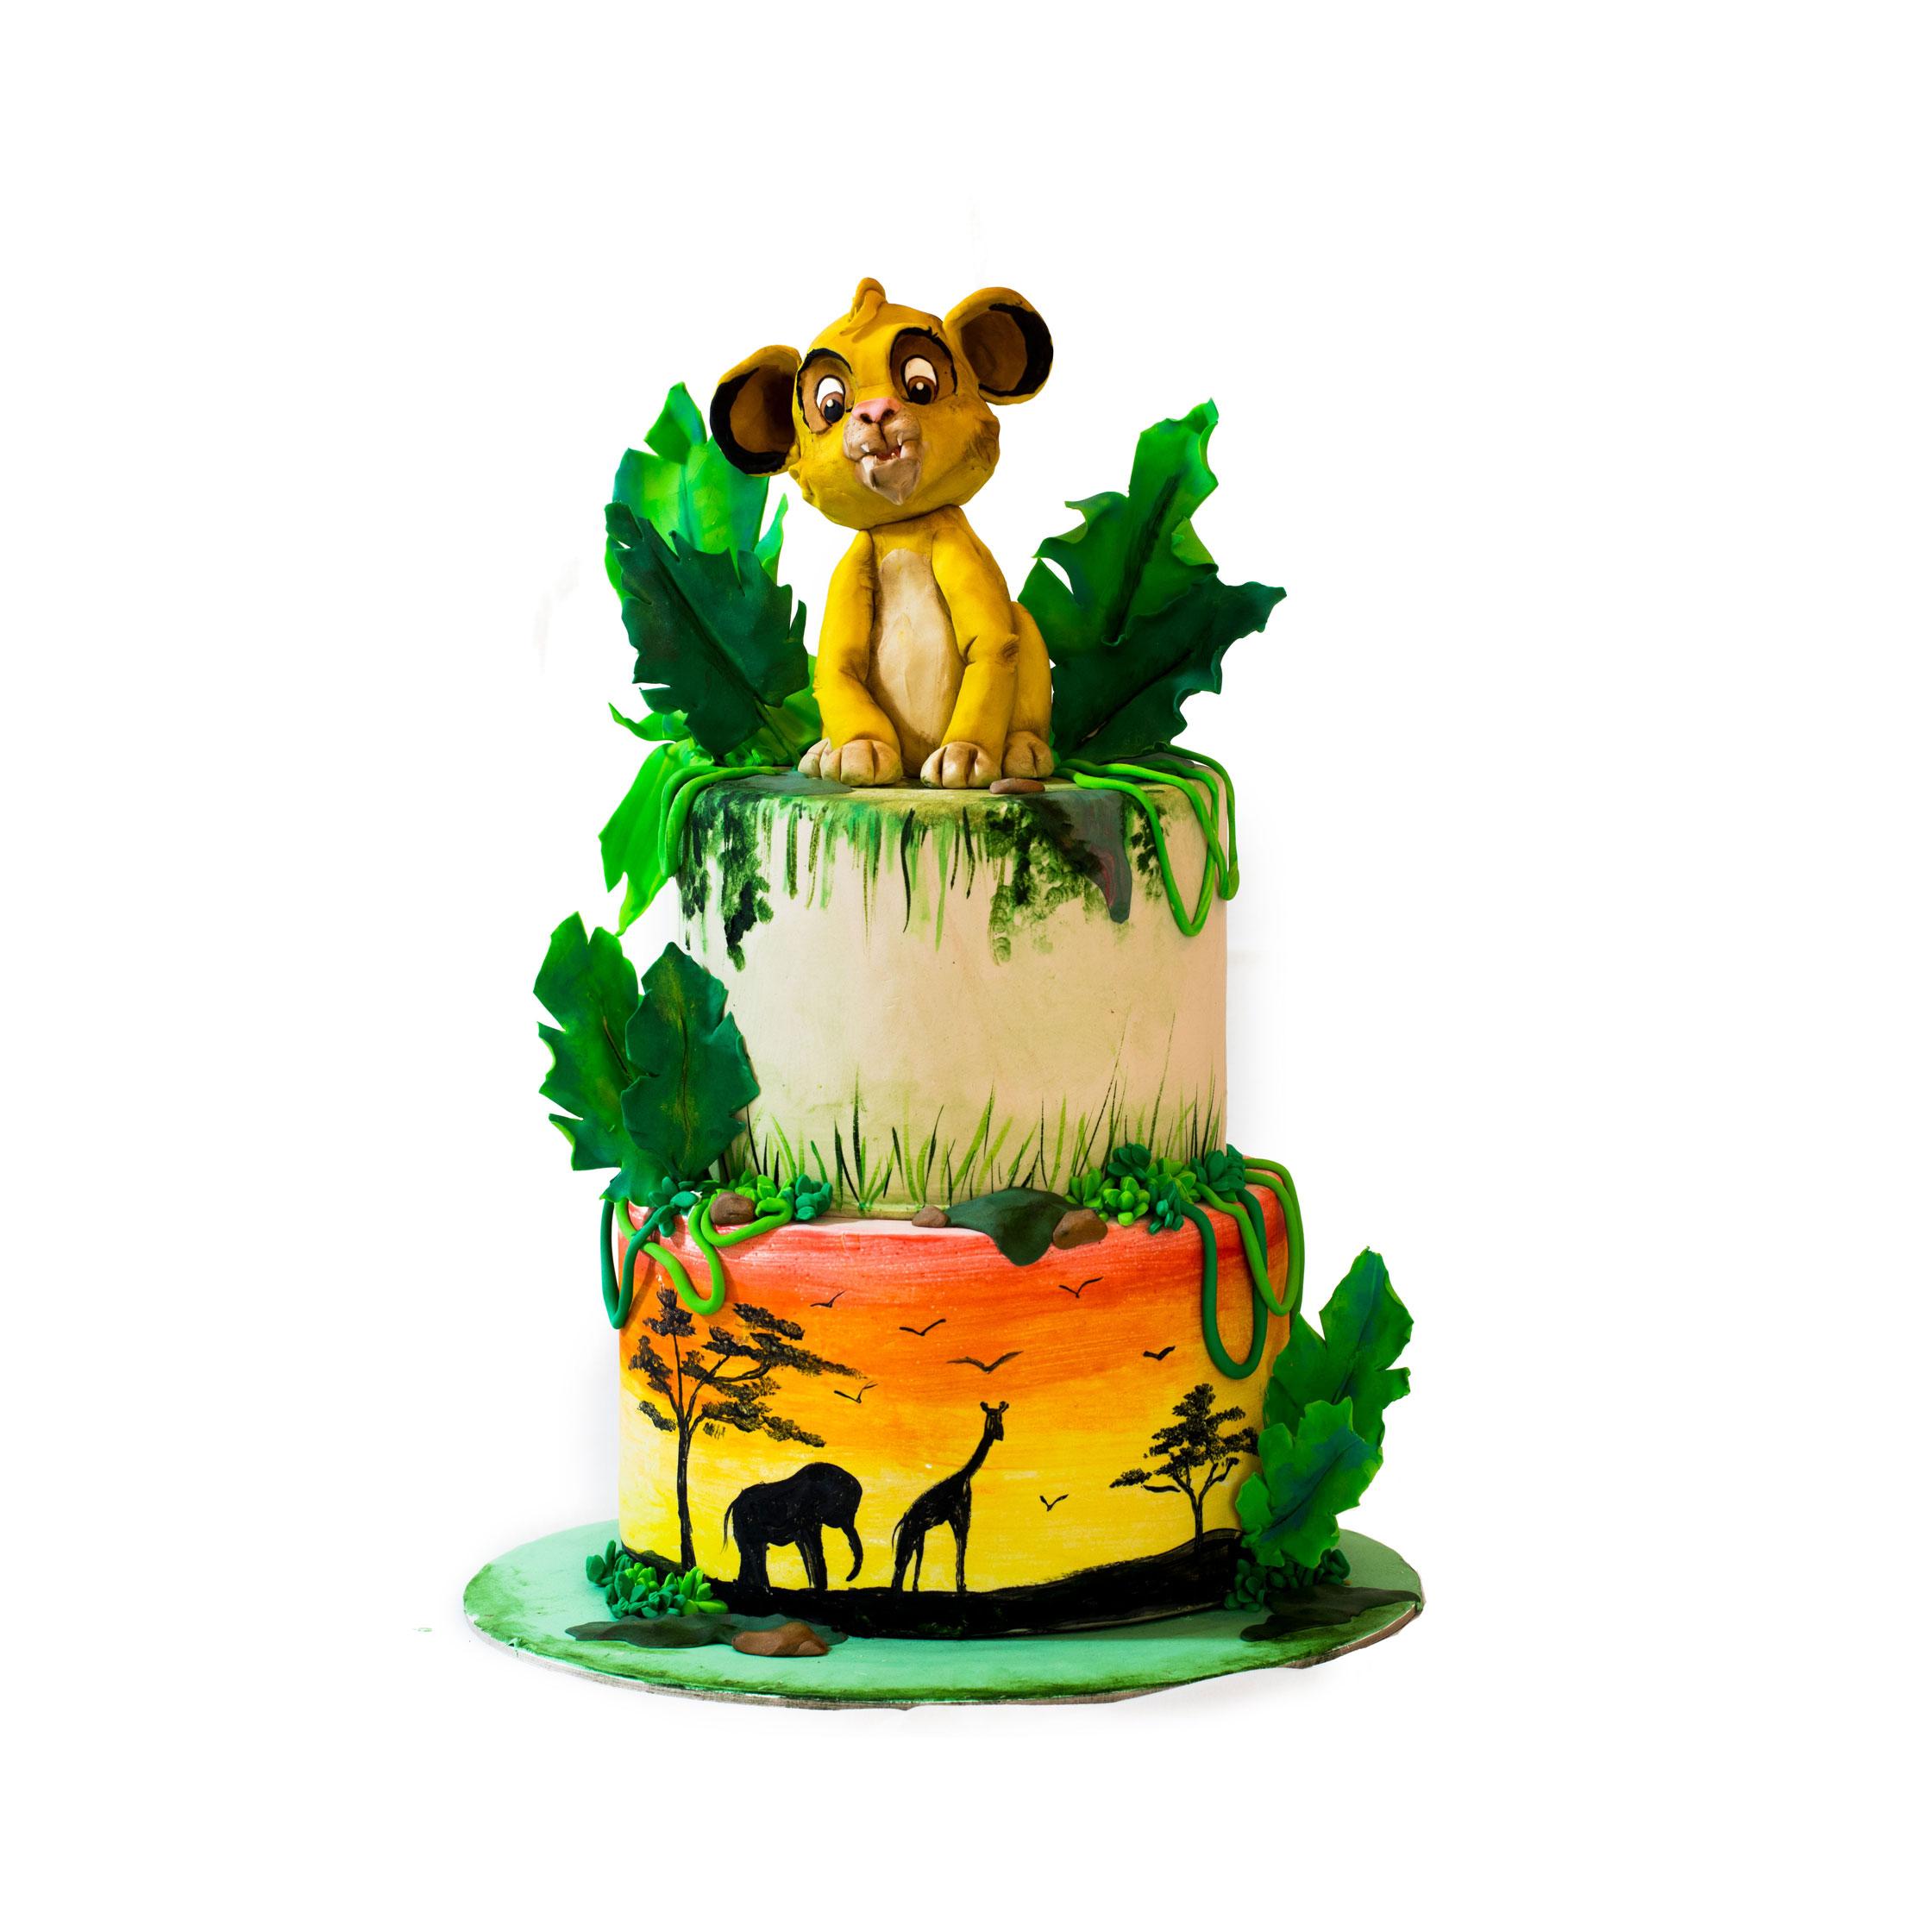 Torta re leone, pasta di zucchero